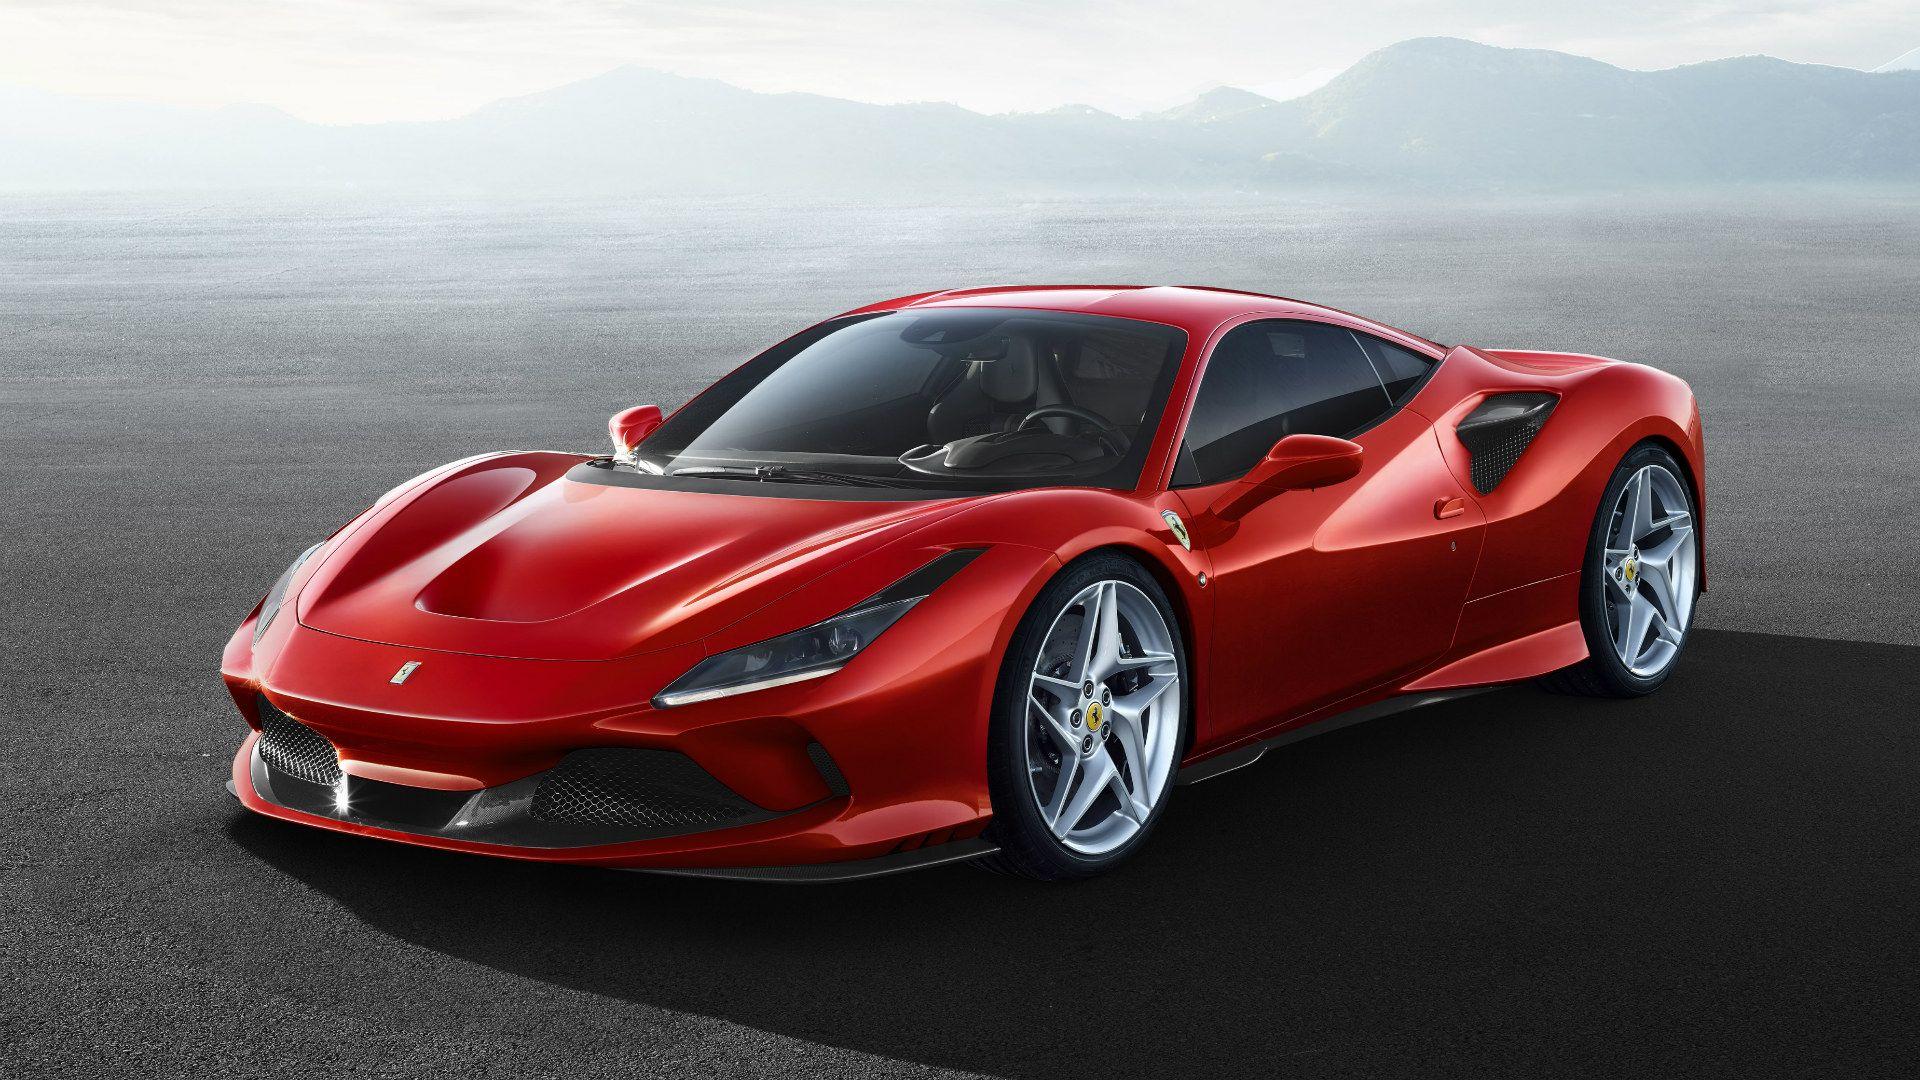 Nuevo modelo de Ferrari tratará de superar su deportivo más vendido